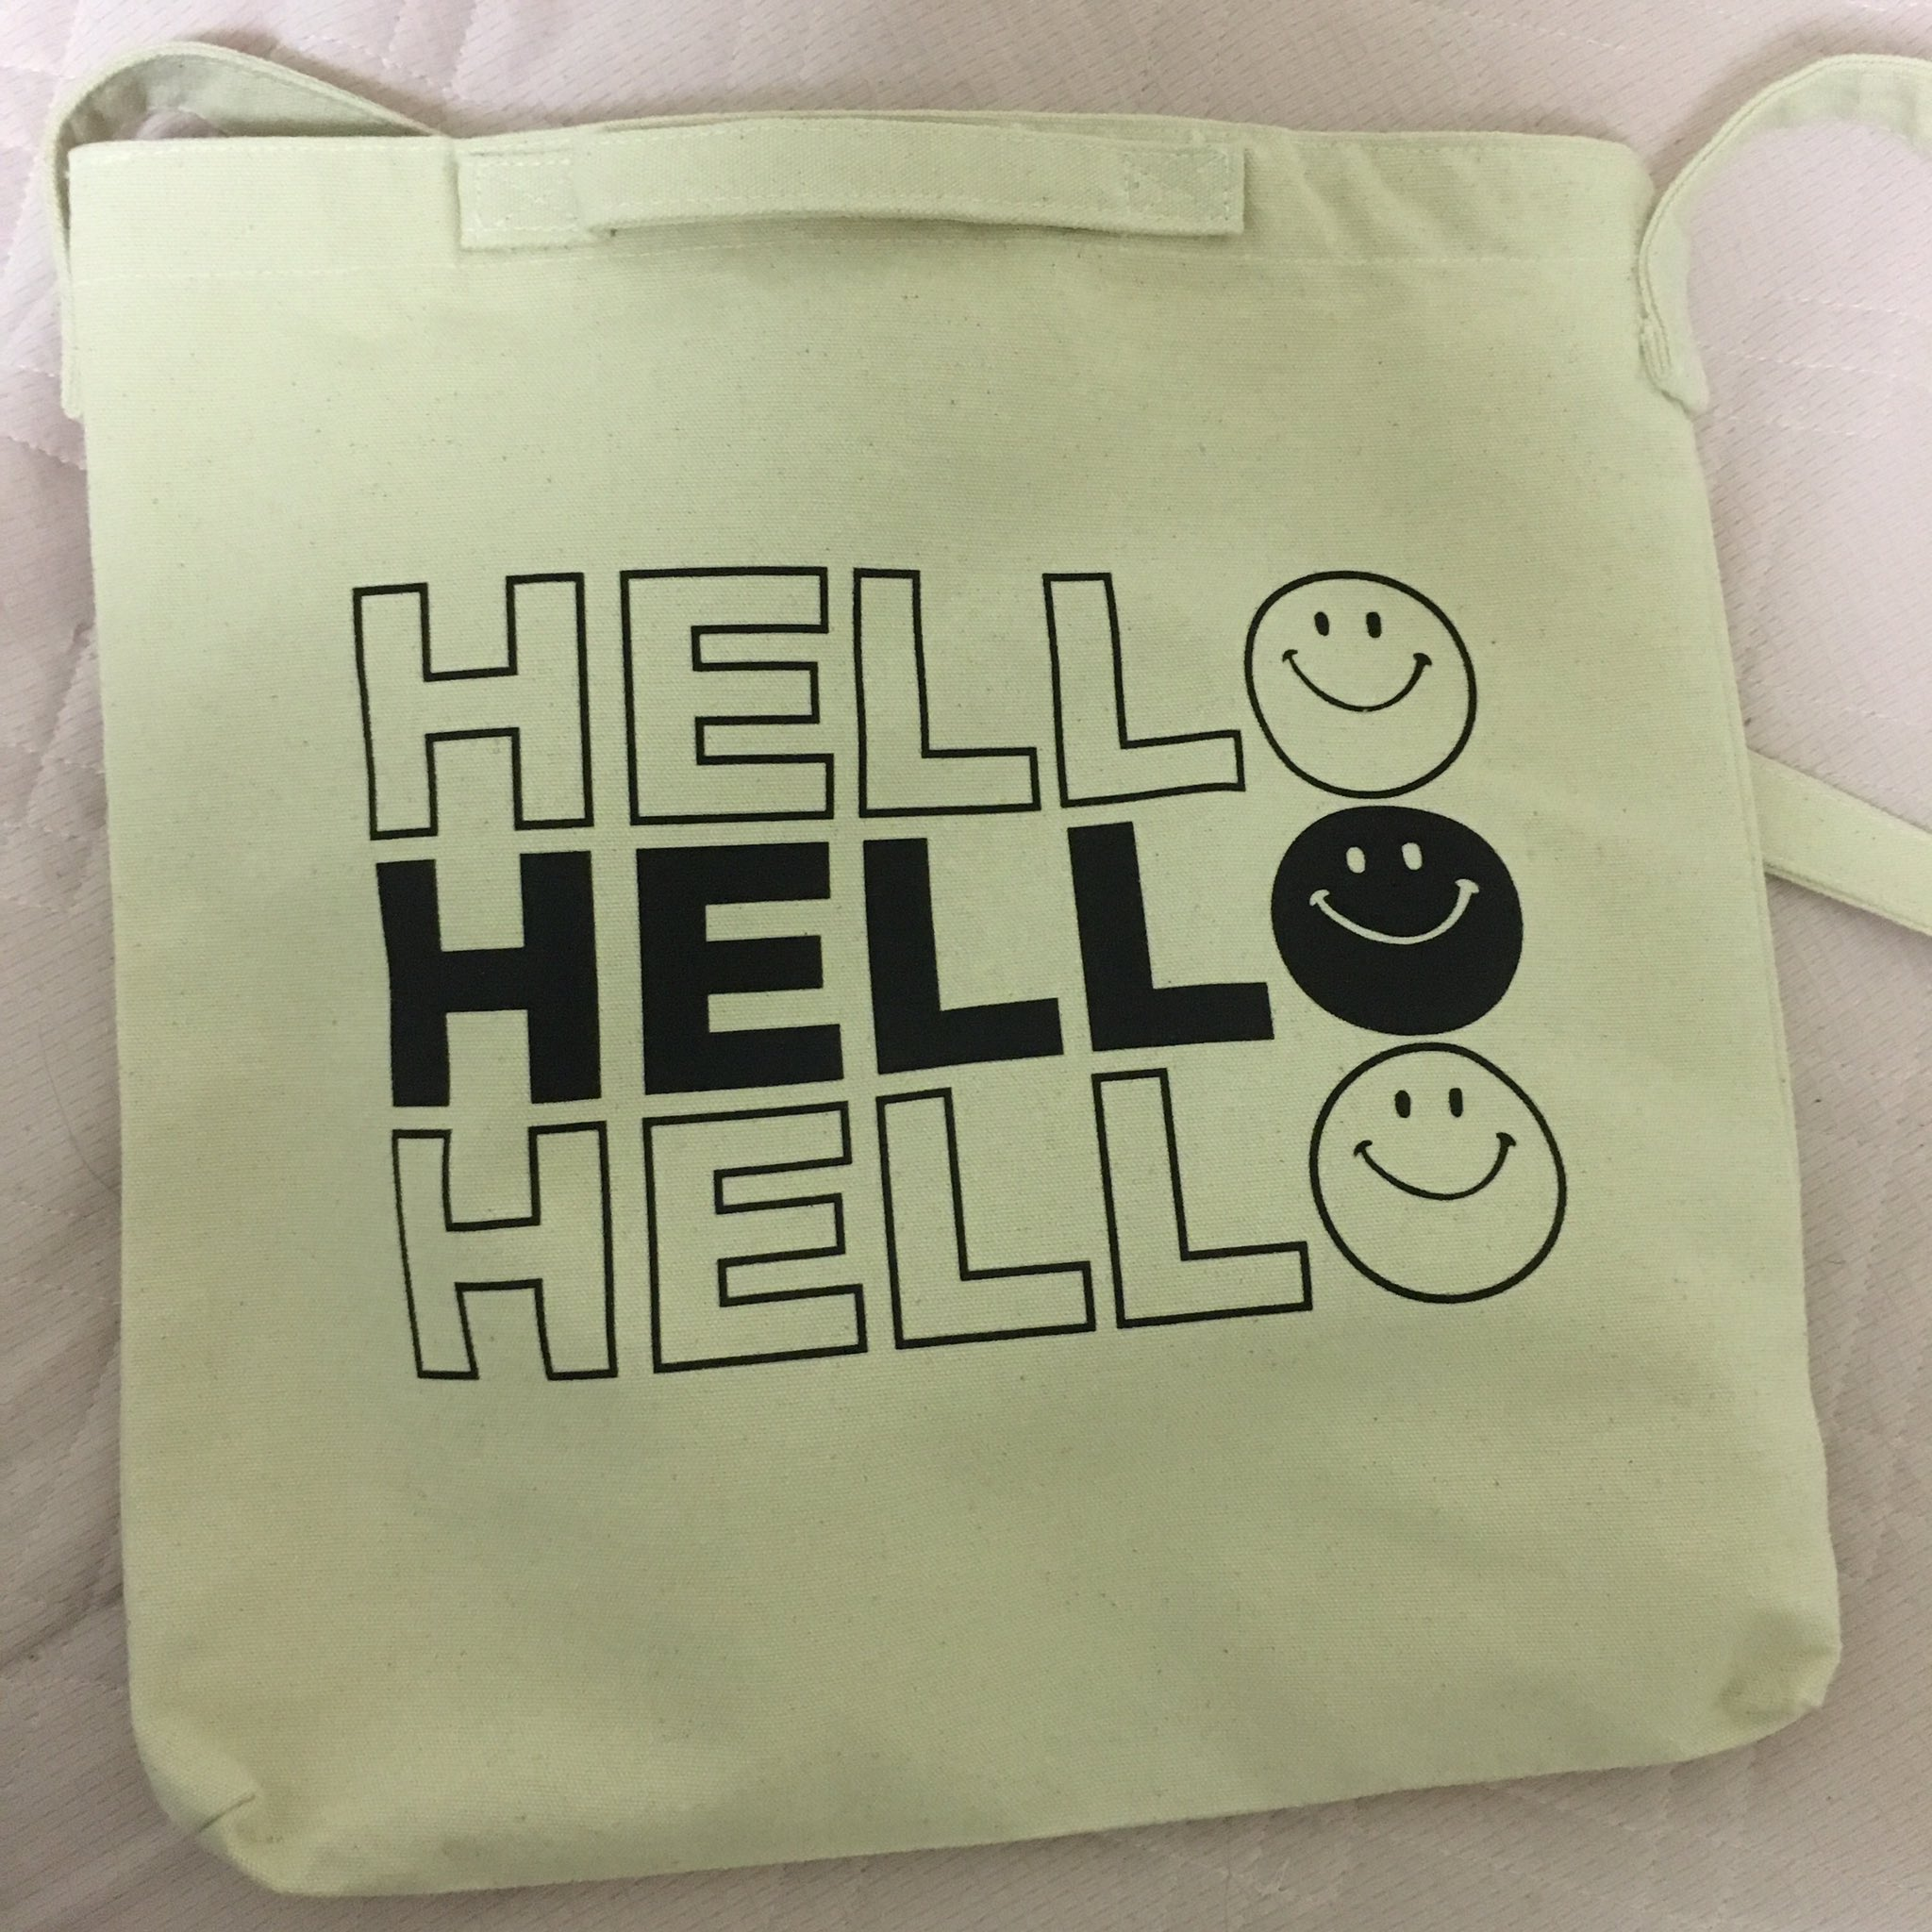 このバッグ見た時、 「地獄🙂 地獄🙂 地獄🙂」 て書いてあってから、怖っ……て言ったら妹が「ハローじゃない?」って言って、ぁぁあああ………て頭抱えた